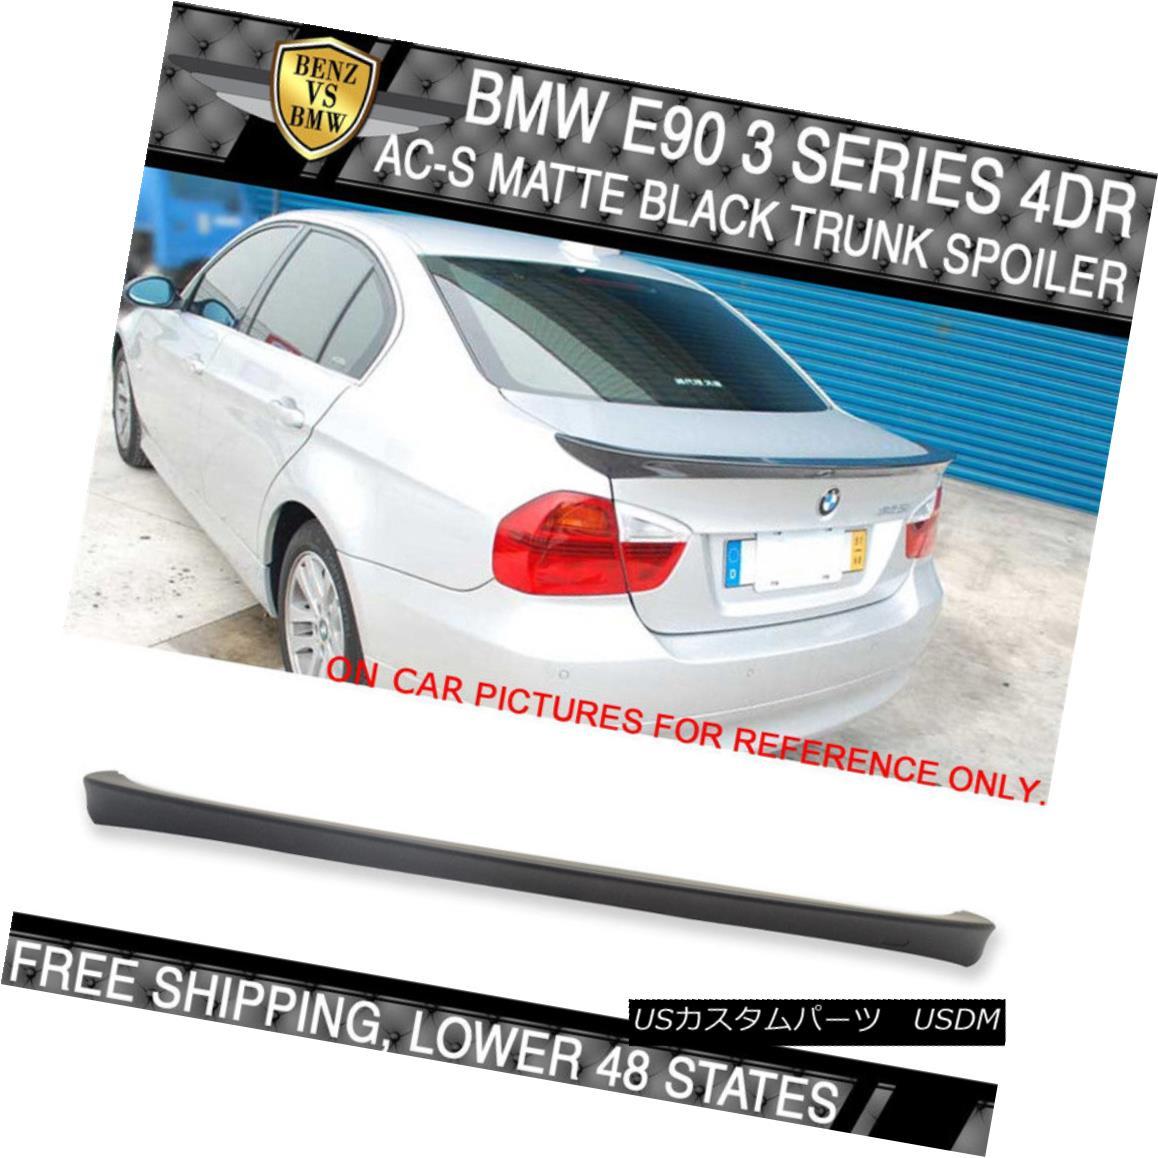 エアロパーツ USA Stock 06-11 BMW E90 3 Series 4Dr AC-S Trunk Spoiler Wing Painted Matte Black USA在庫06-11 BMW E90 3シリーズ4Dr AC-Sトランク・スポイラーウイング・ペイント・マット・ブラック